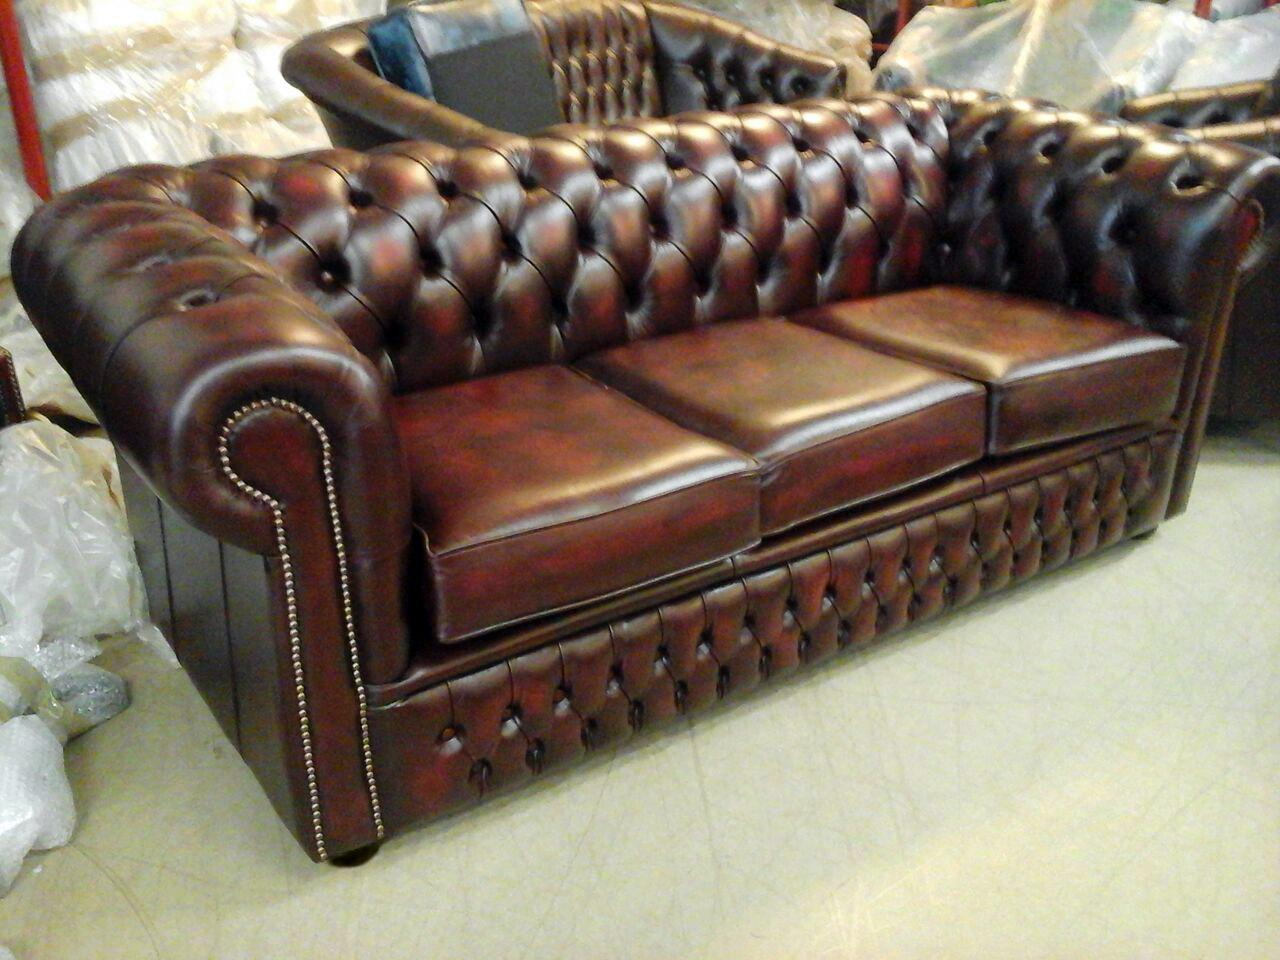 Divani chesterfield vintage usati e nuovi divani for Divani inglesi chesterfield prezzi